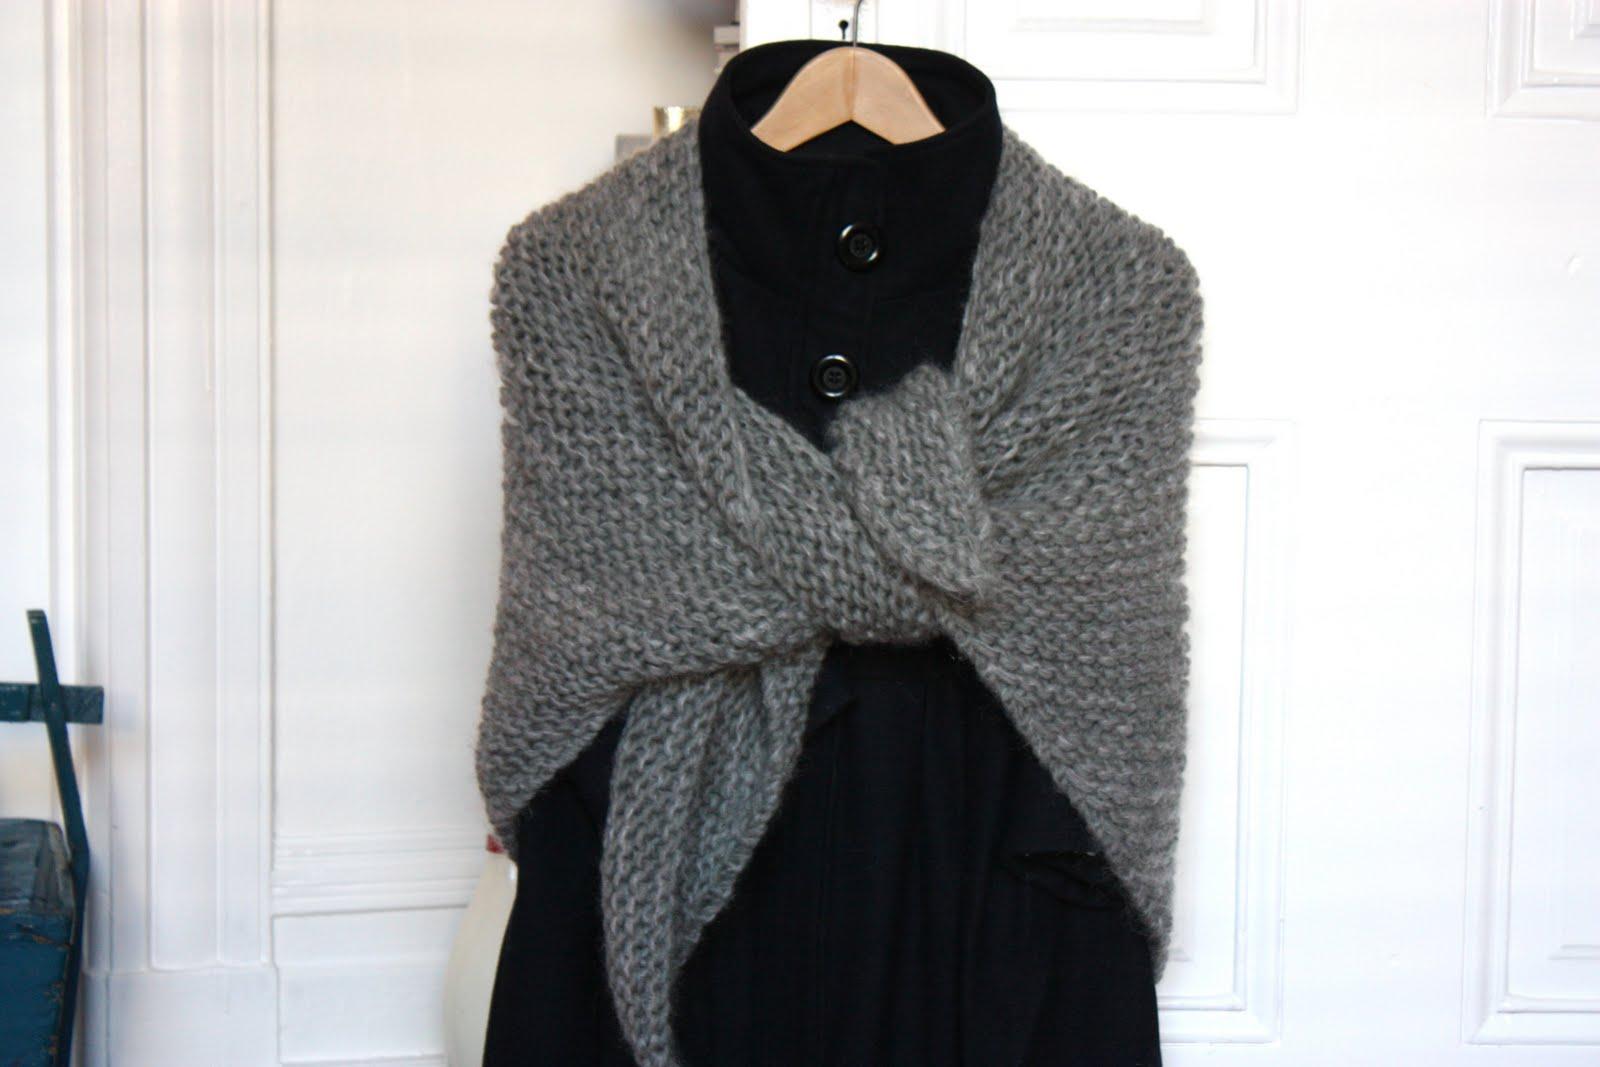 Modele chale tricot gratuit facile - Tuto tricot debutant gratuit ...